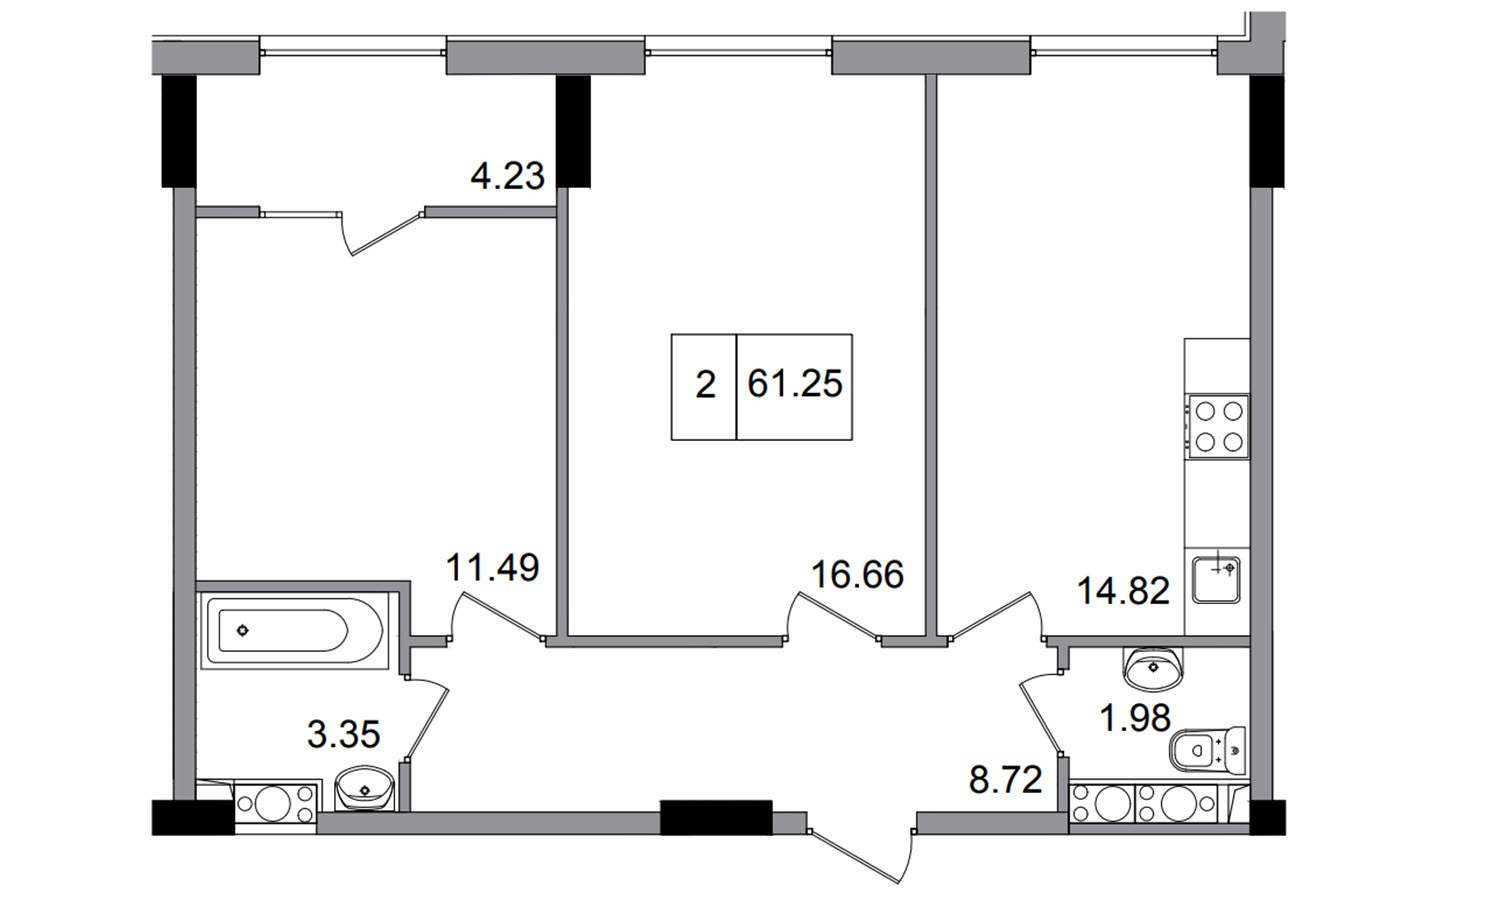 Двухкомнатная - ЖК ArtVille (АртВилль)$40817Площадь:60.47m²